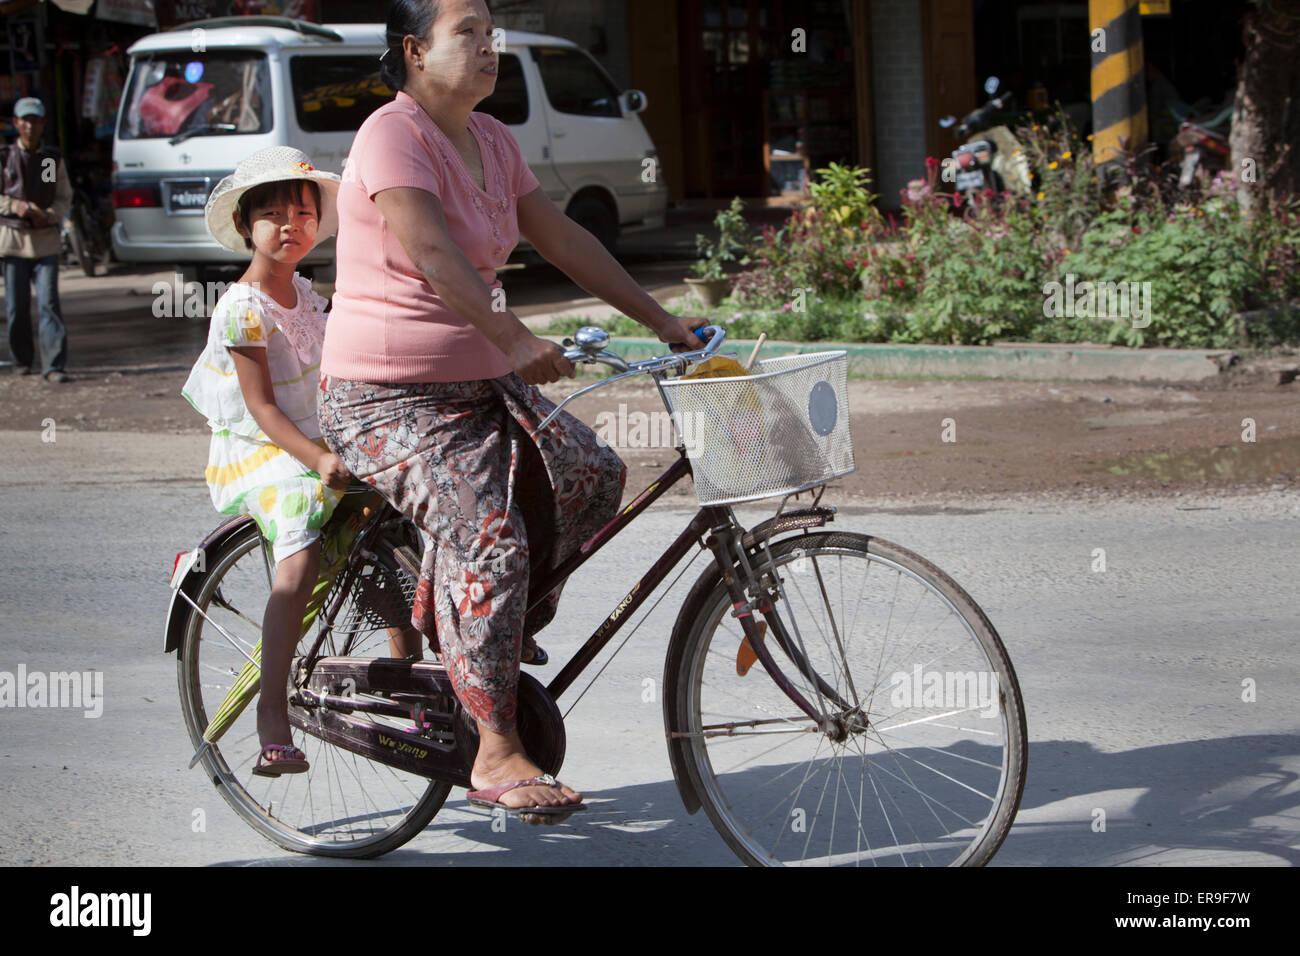 Una mujer (madre) paseos su ciclo del pedal en una calle en Hsipaw, Birmania, una niña (su hija) viaja detrás Imagen De Stock